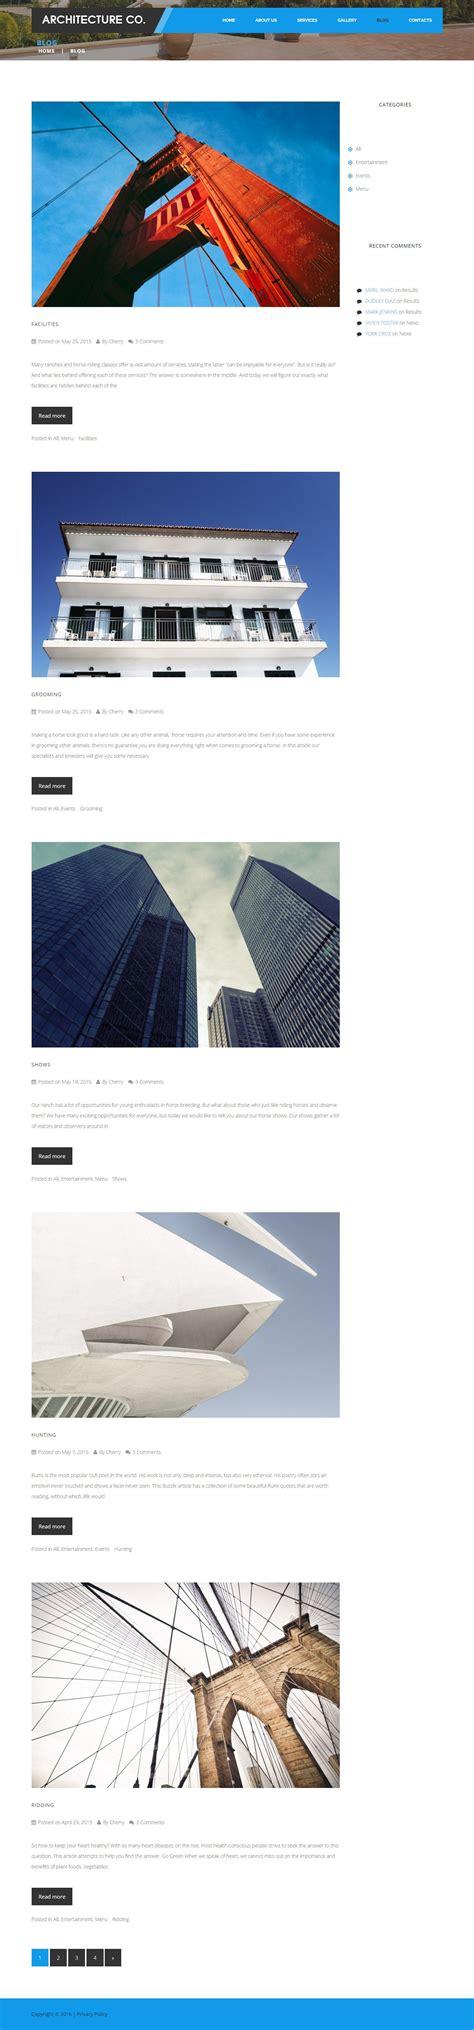 architecture companies architecture company wordpress architecture them